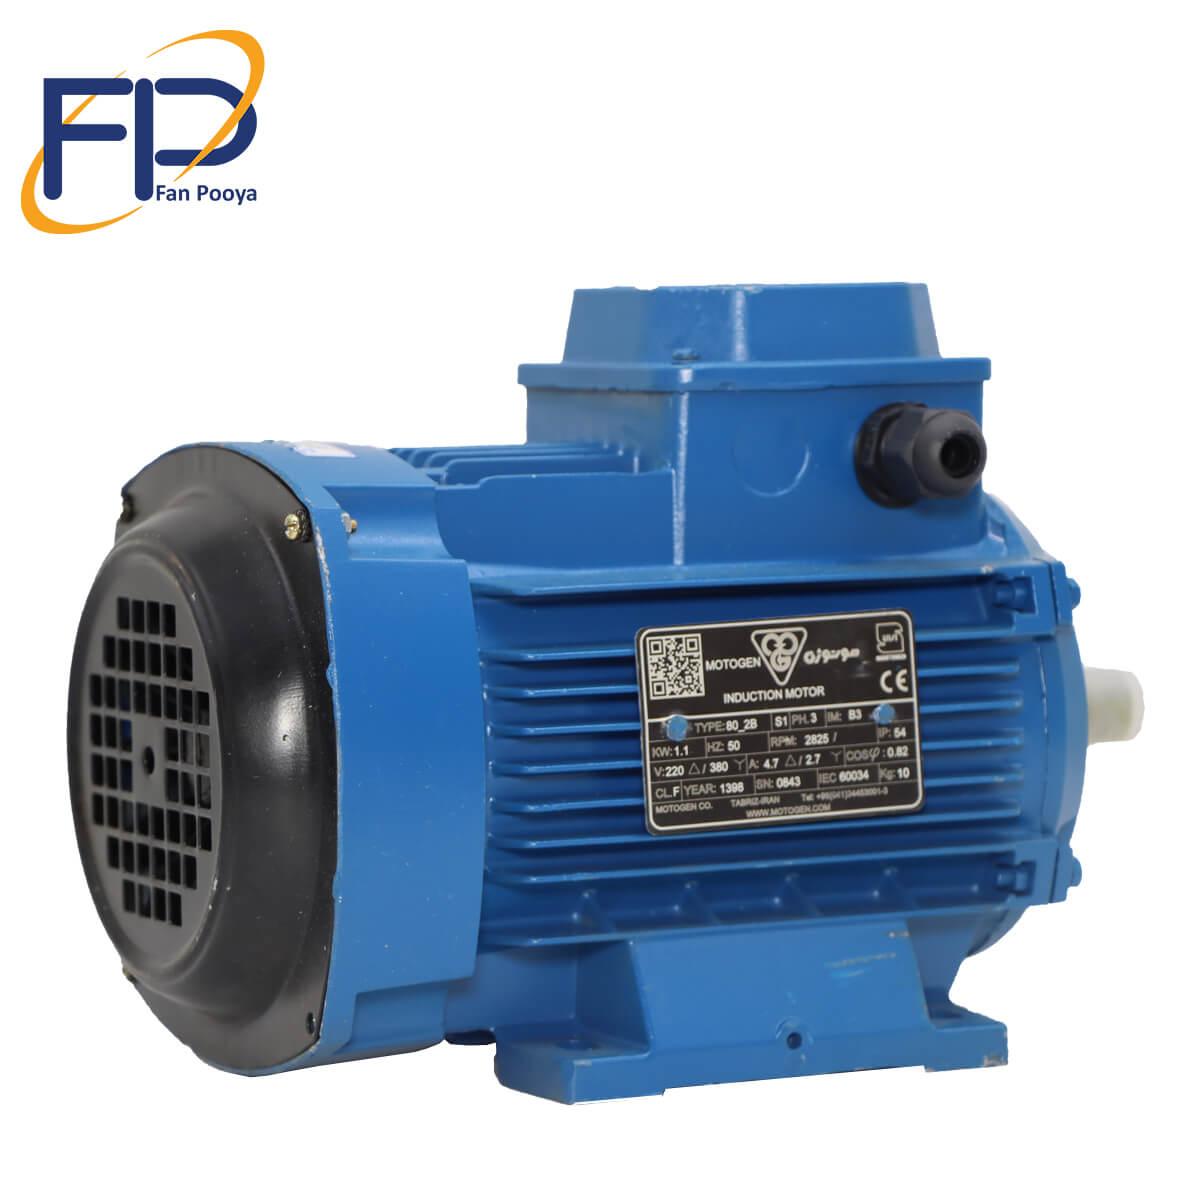 الکترو موتور موتوژن قدرت 1.5kw کیلو وات1500 دور